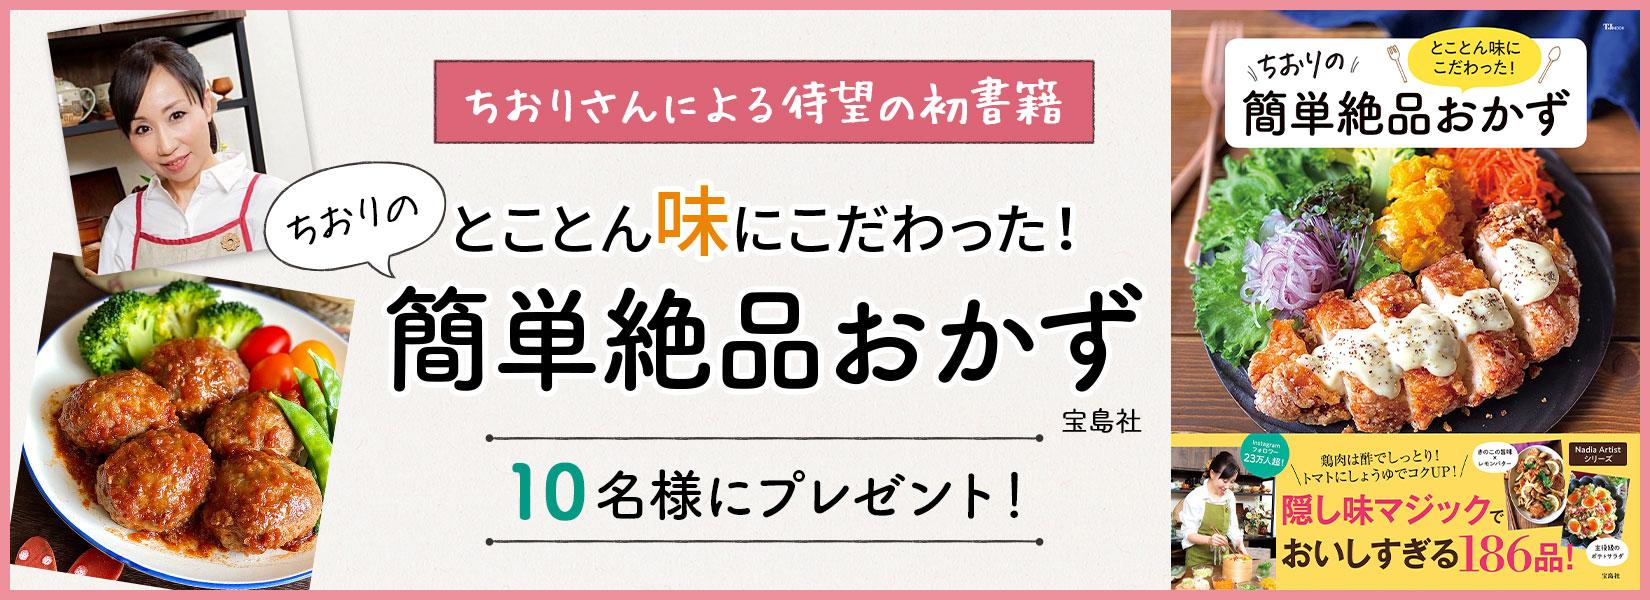 ちおりさんによる待望の初書籍「とことん味にこだわった!ちおりの簡単絶品おかず」(宝島社)を10名様にプレゼント!